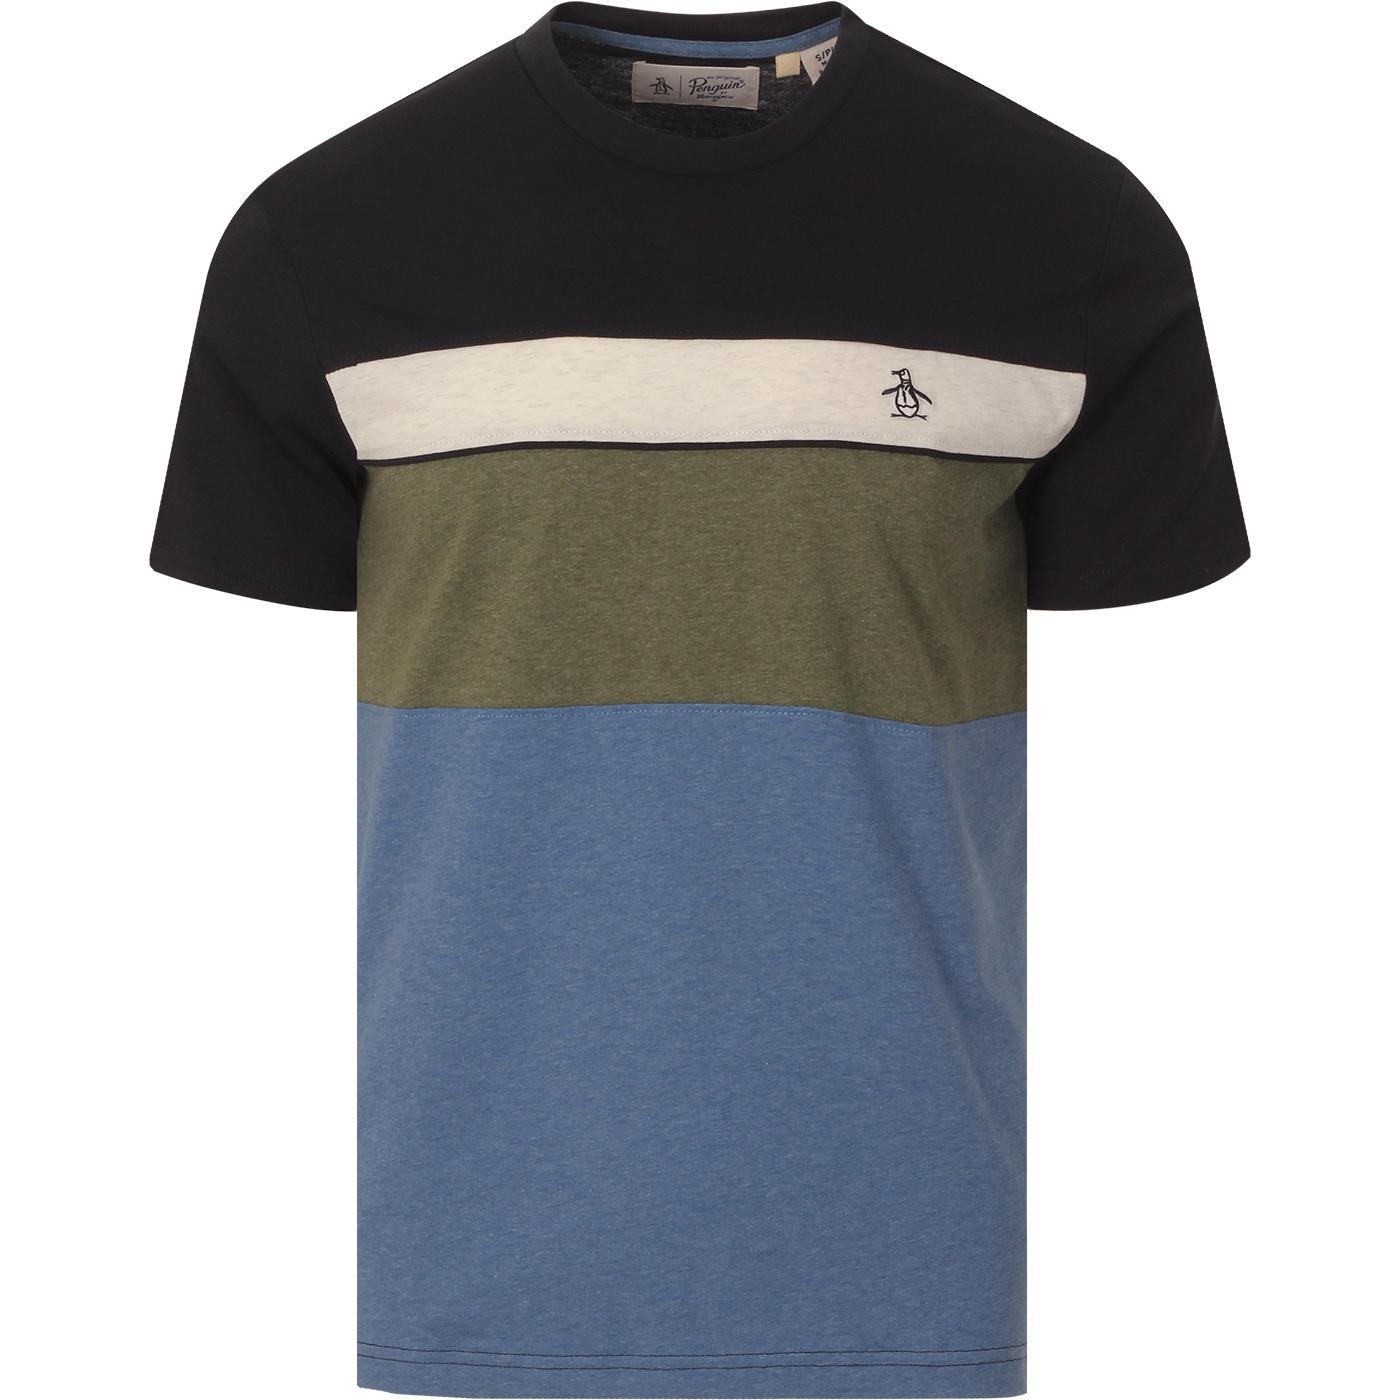 ORIGINAL PENGUIN Retro Block Panel T-shirt (DS)